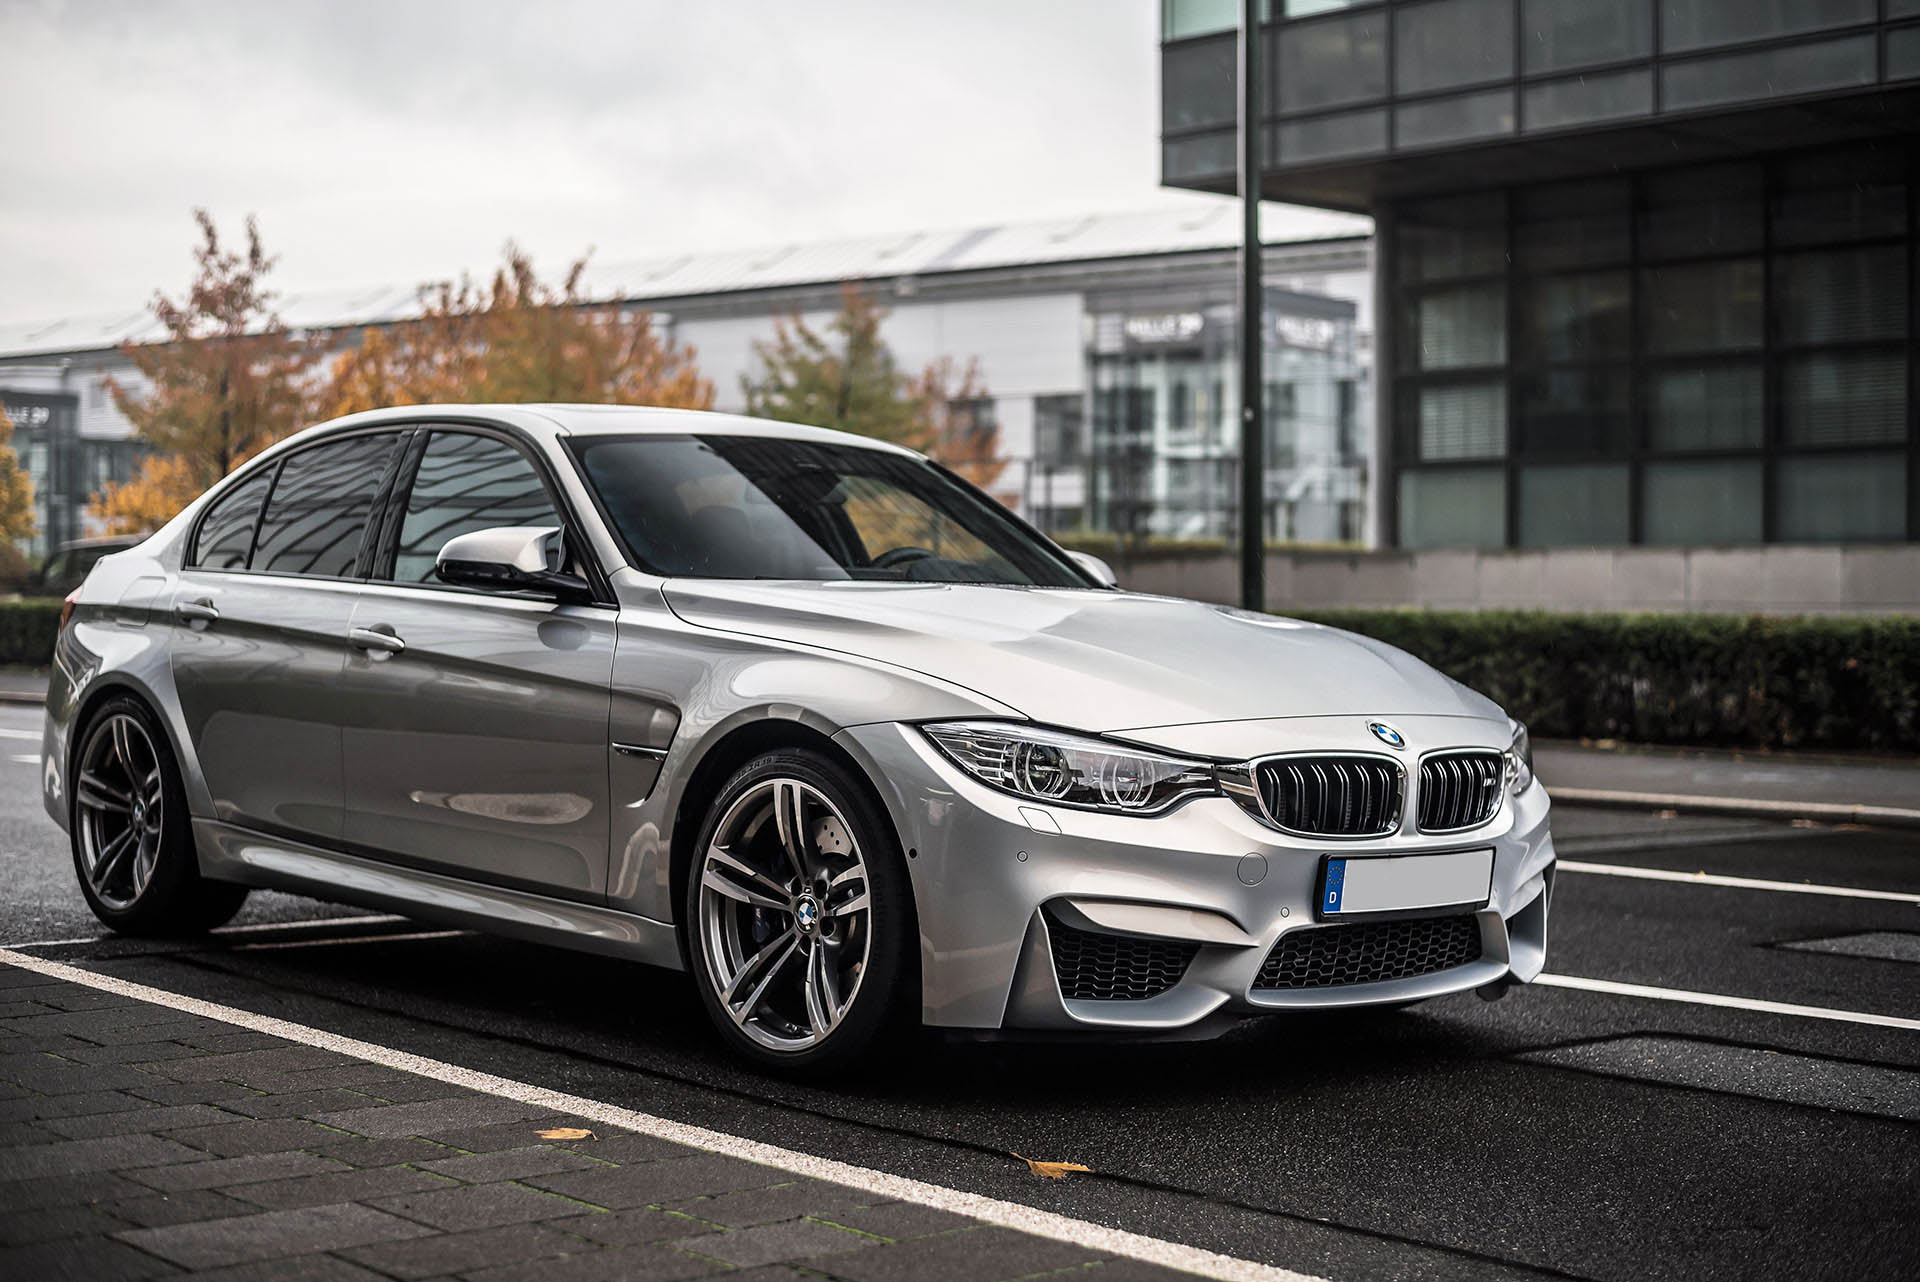 B&K_Sportwagen_Rheinland_GmbH_BMW_M3_Silber_8